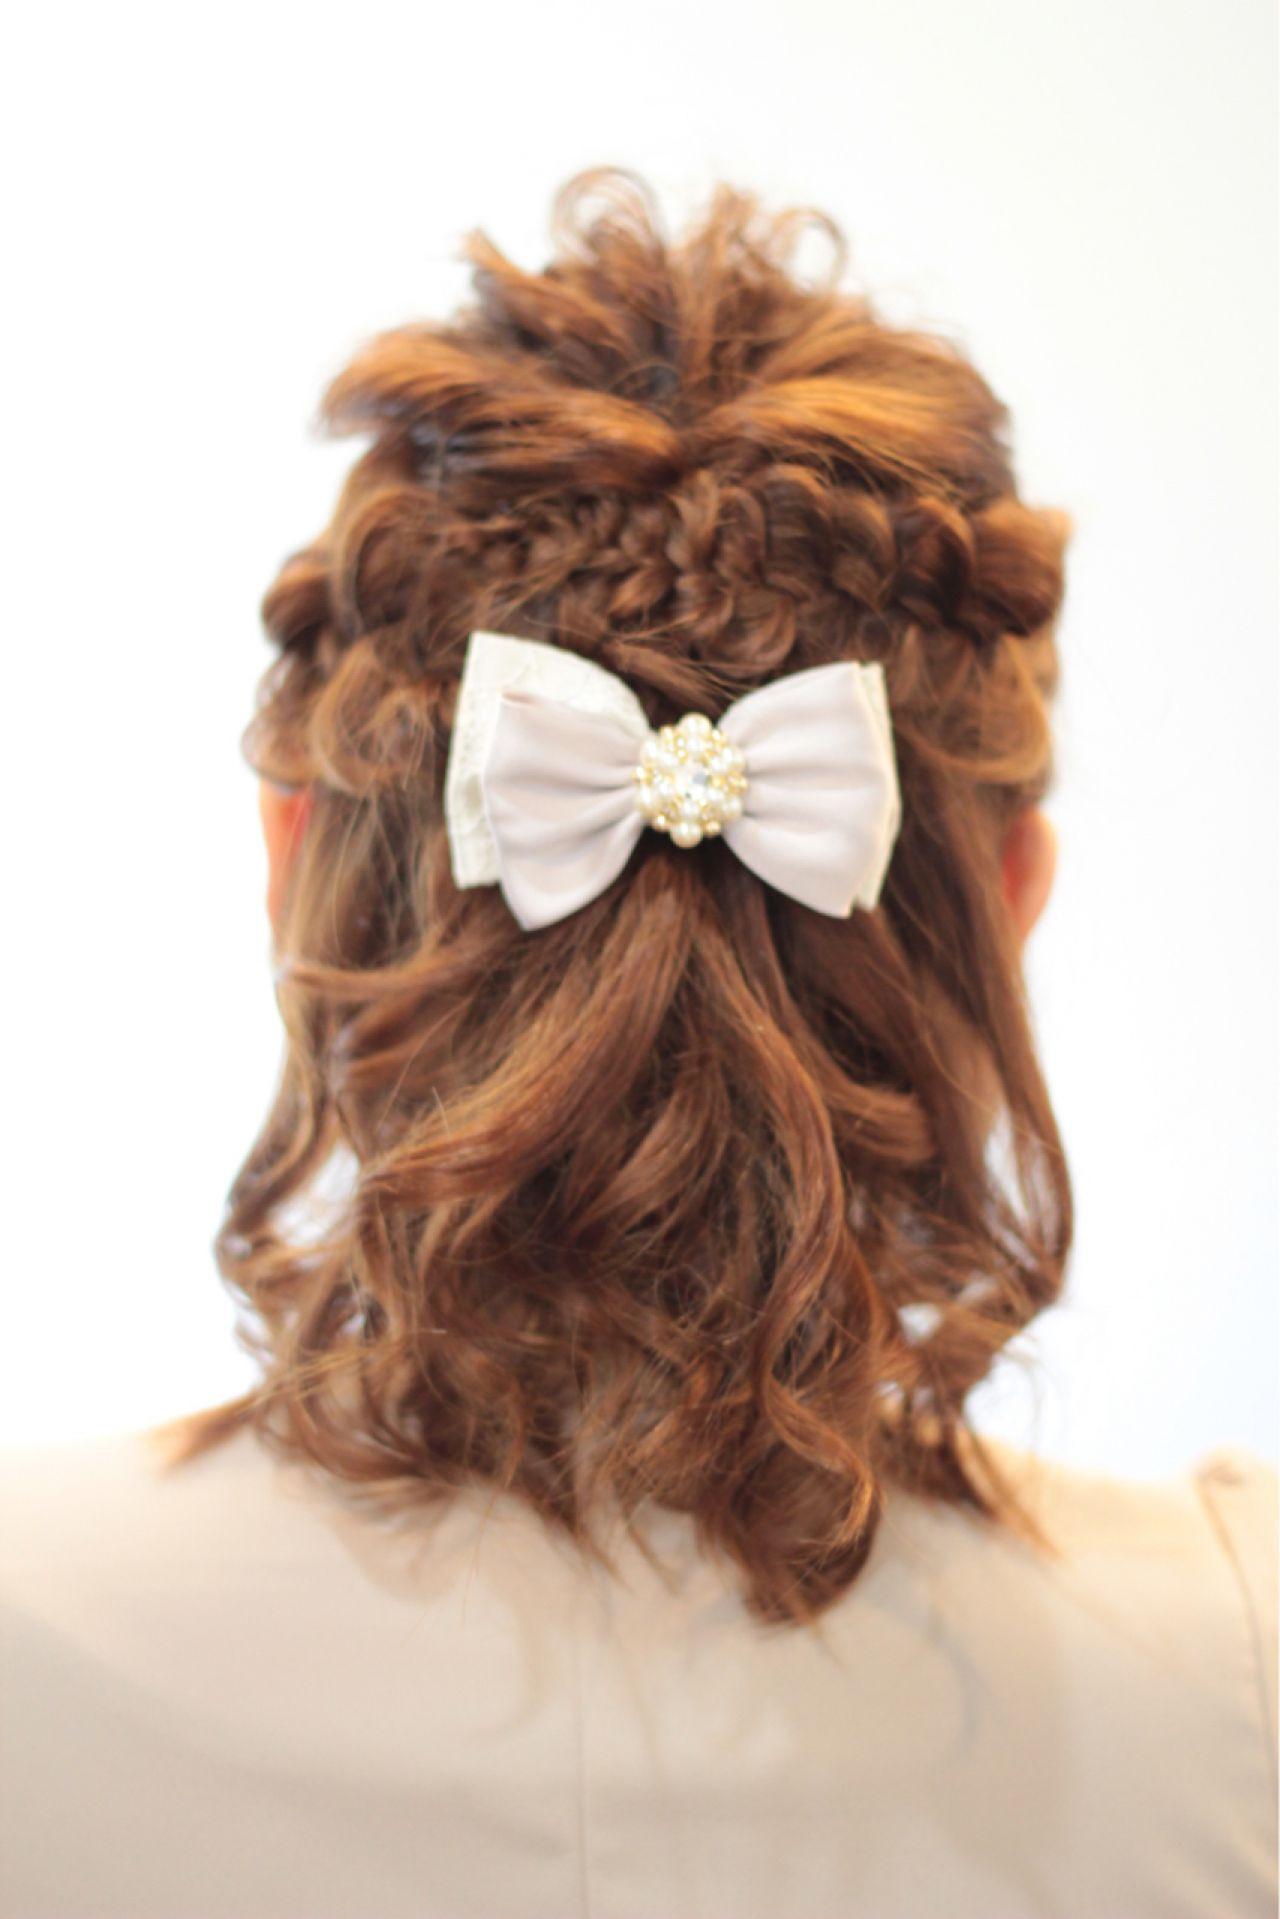 芸能人でも発見!今年の可愛い髪型は「ミディアム」ヘアにあり! 宝蔵 幸正